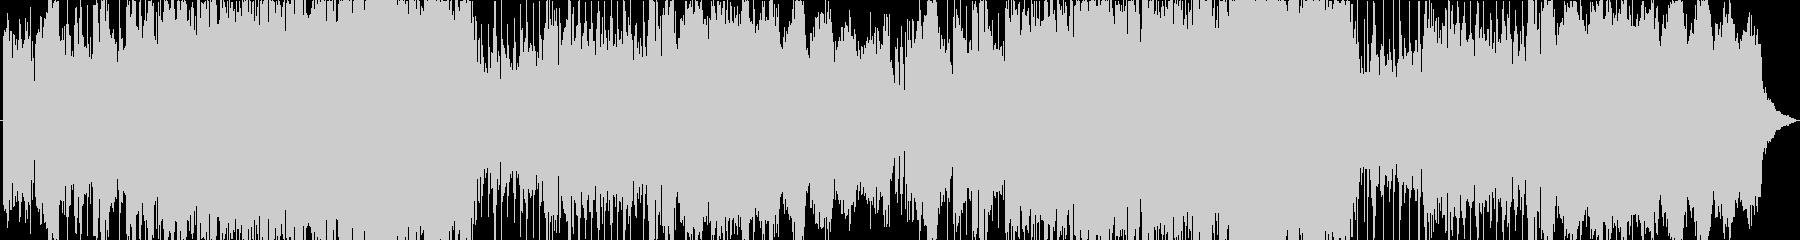 RPGに合うミドルテンポなオーケストラ曲の未再生の波形